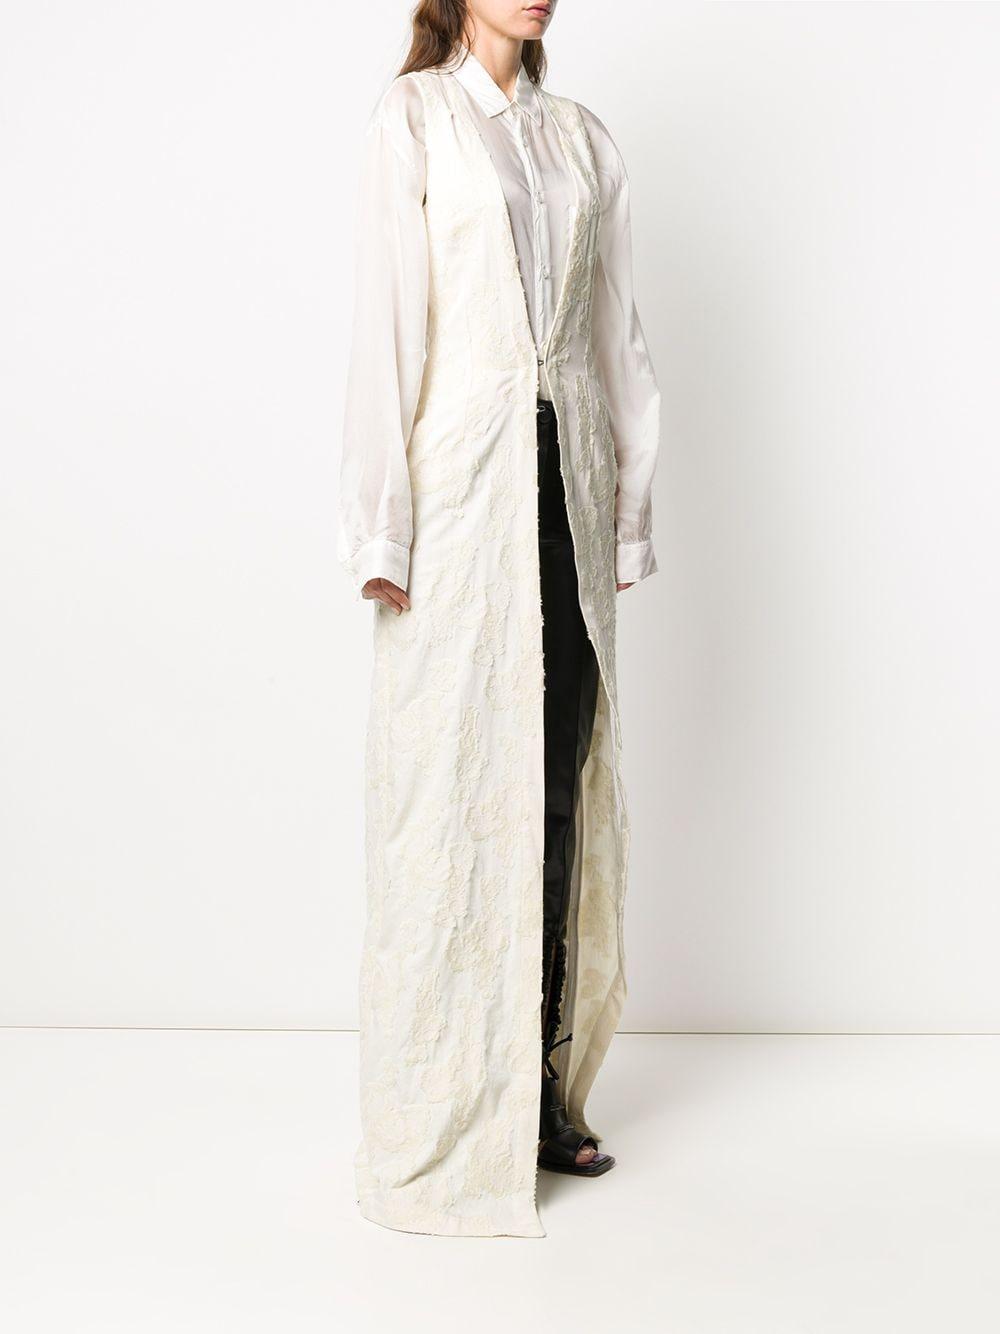 Cappotto lungo smanicato ANN DEMEULEMEESTER | Cappotto | 2002-1164-192003